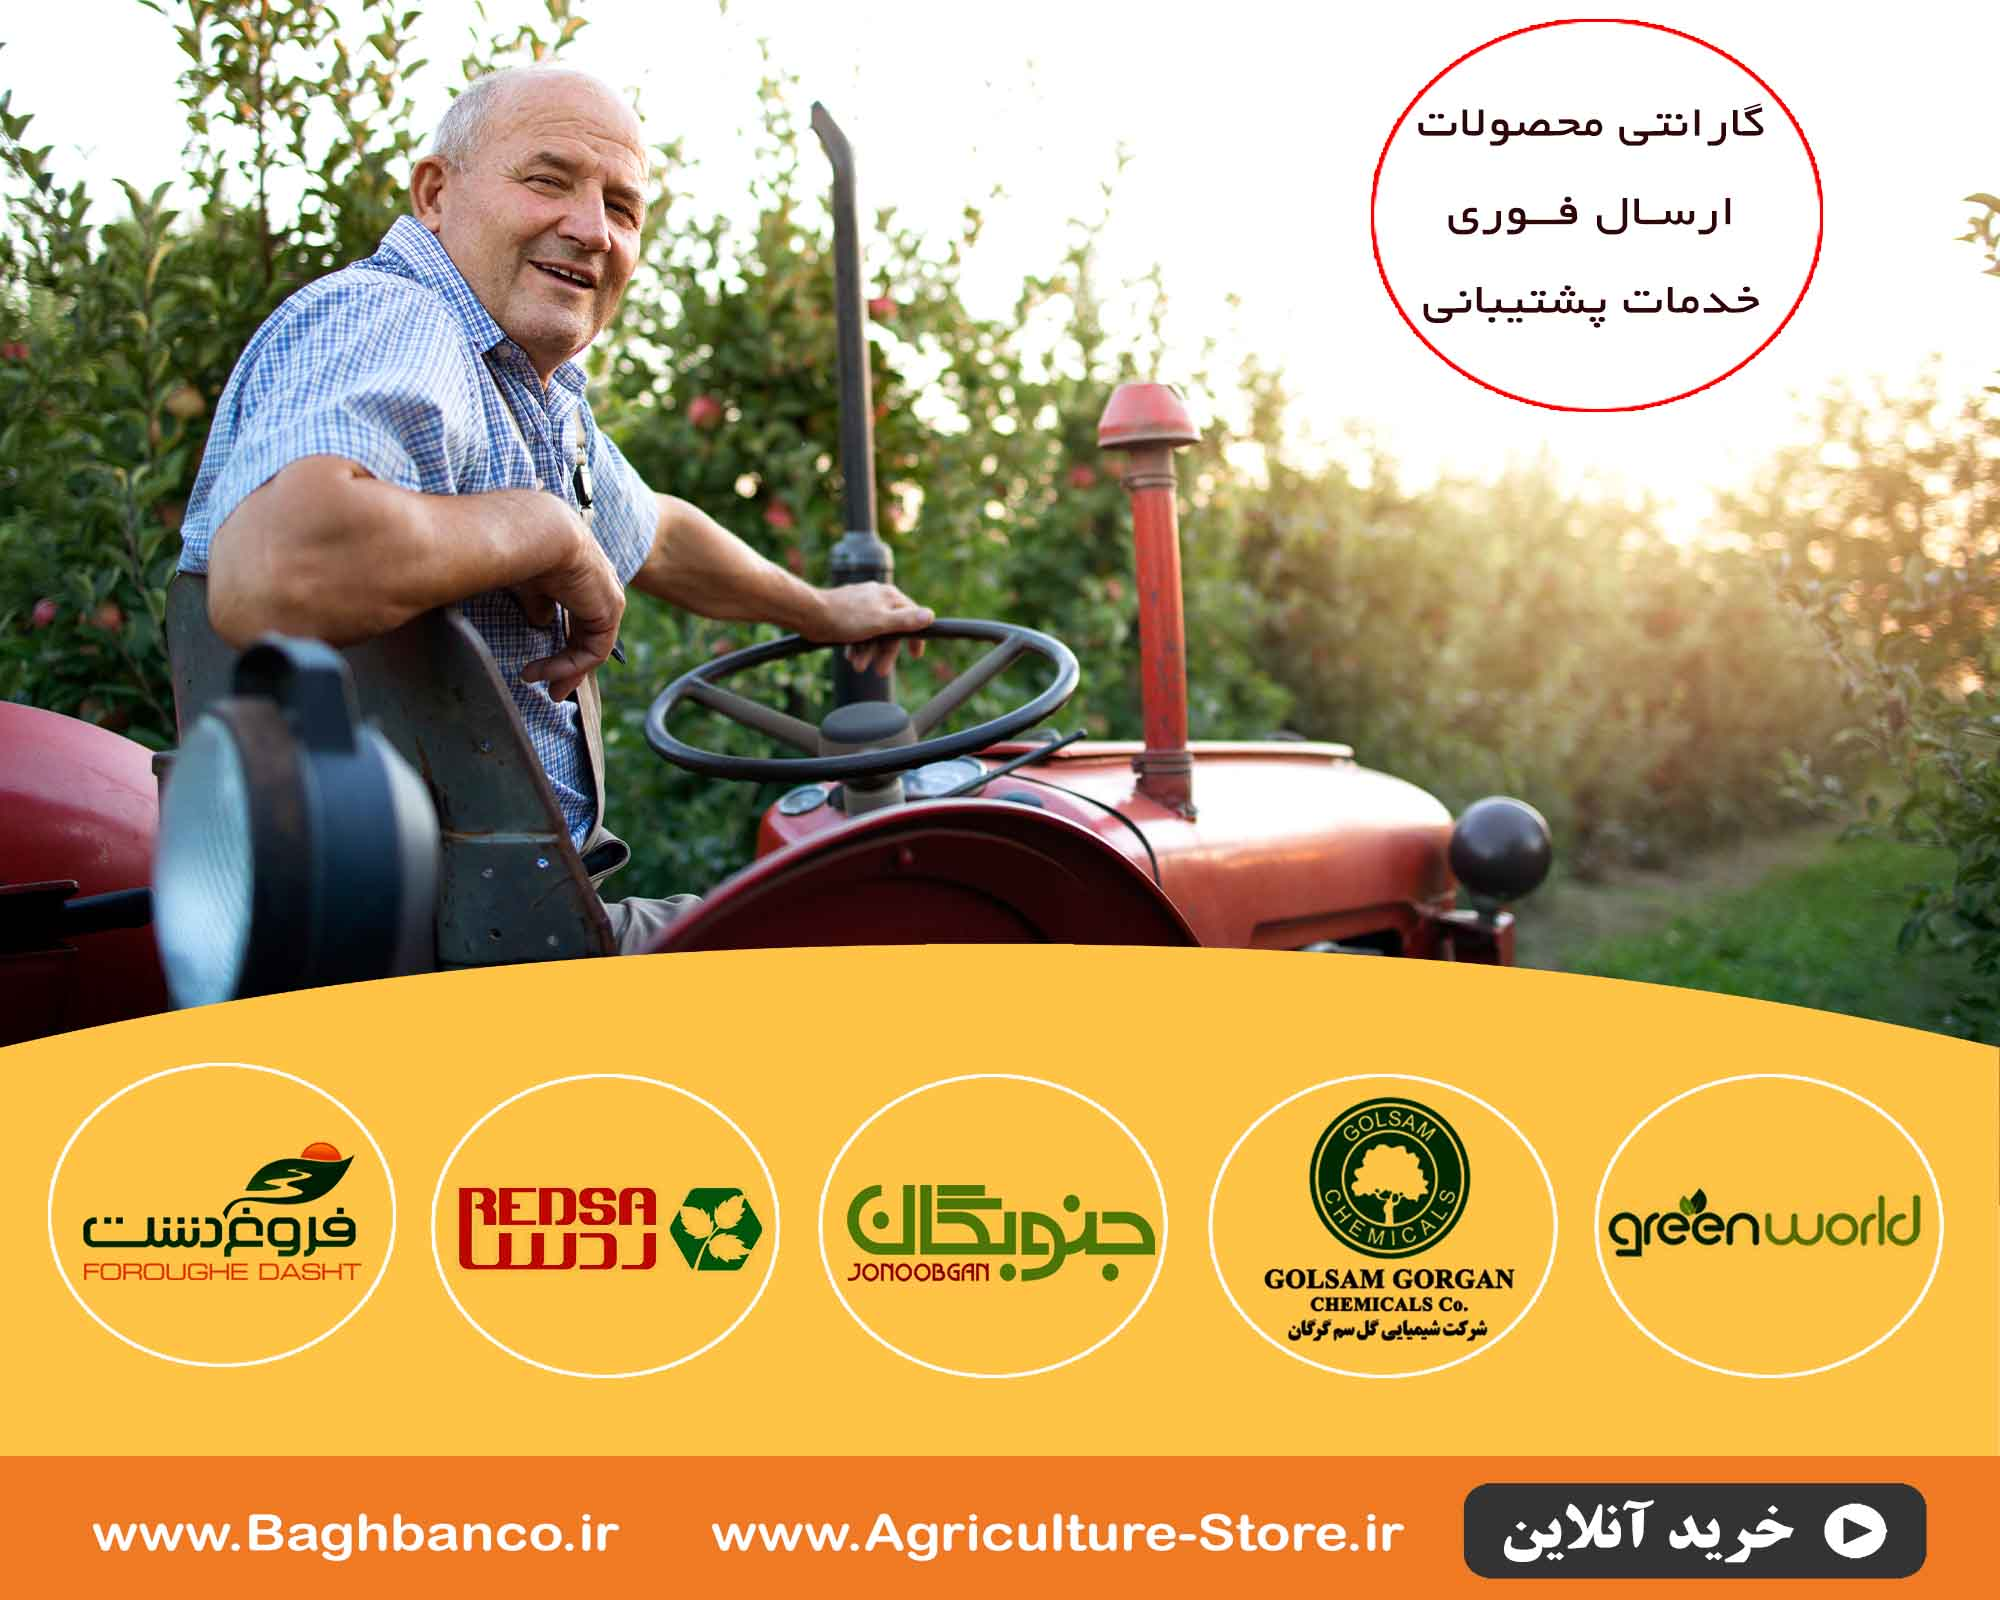 باغبان؛ دوستدار کشاورزان ایران